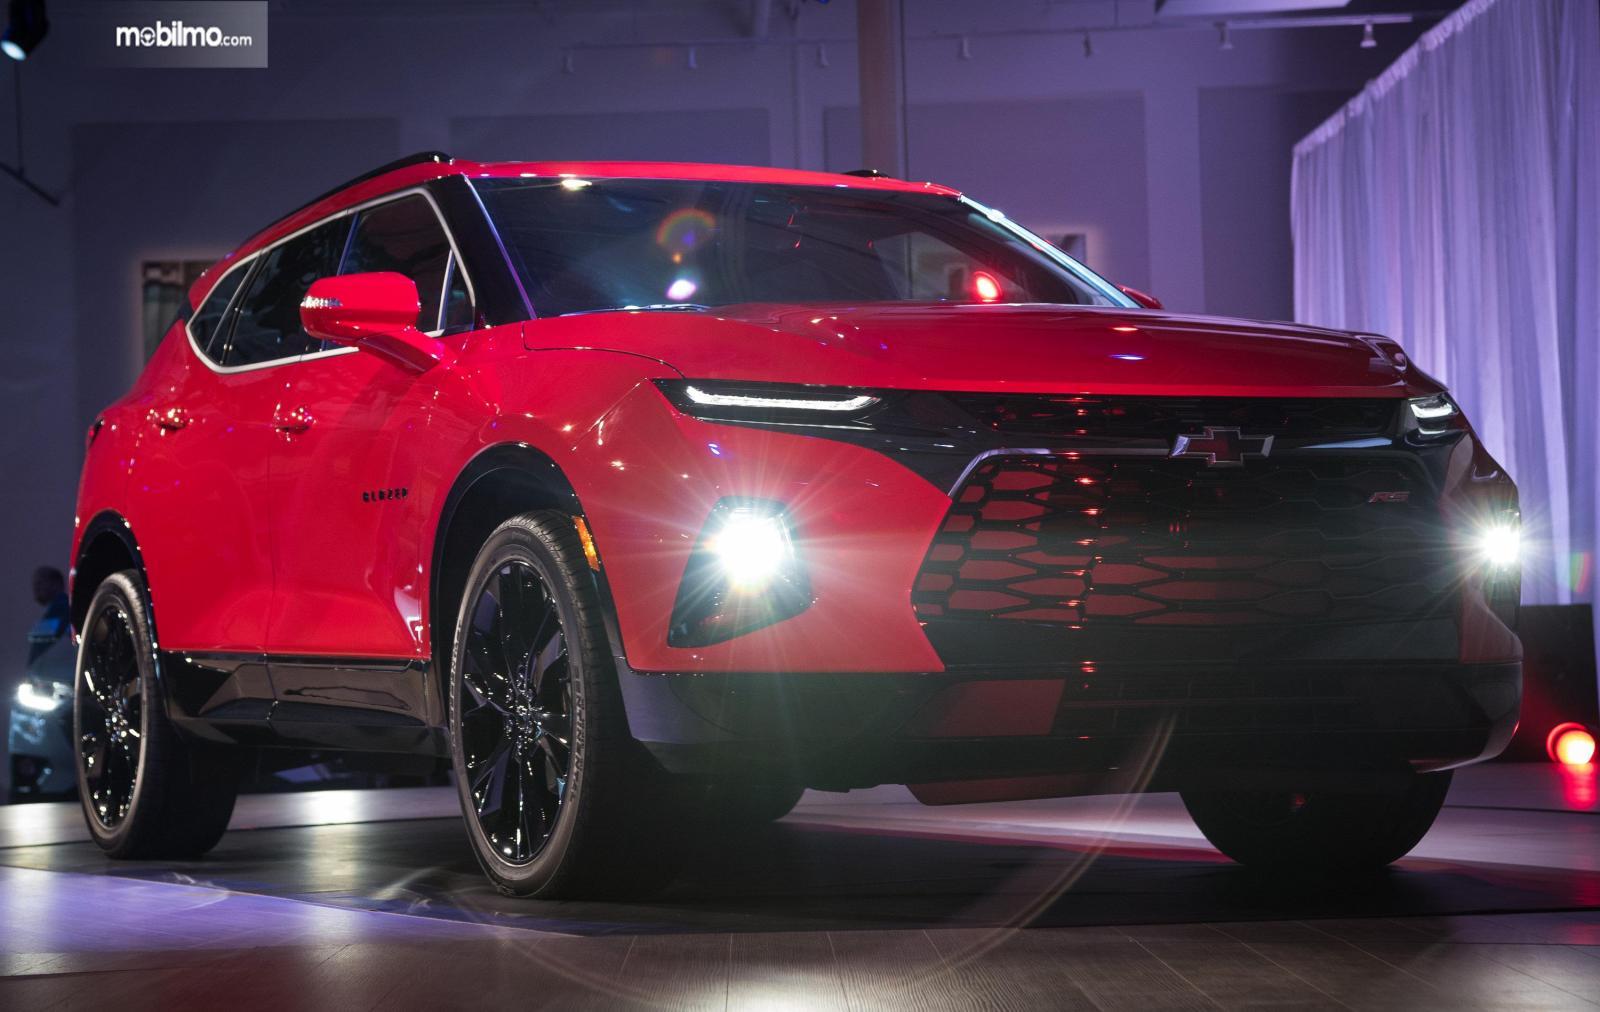 Tampilan bagian depan mobil All New Chevrolet Blazer 2019 berwarna merah